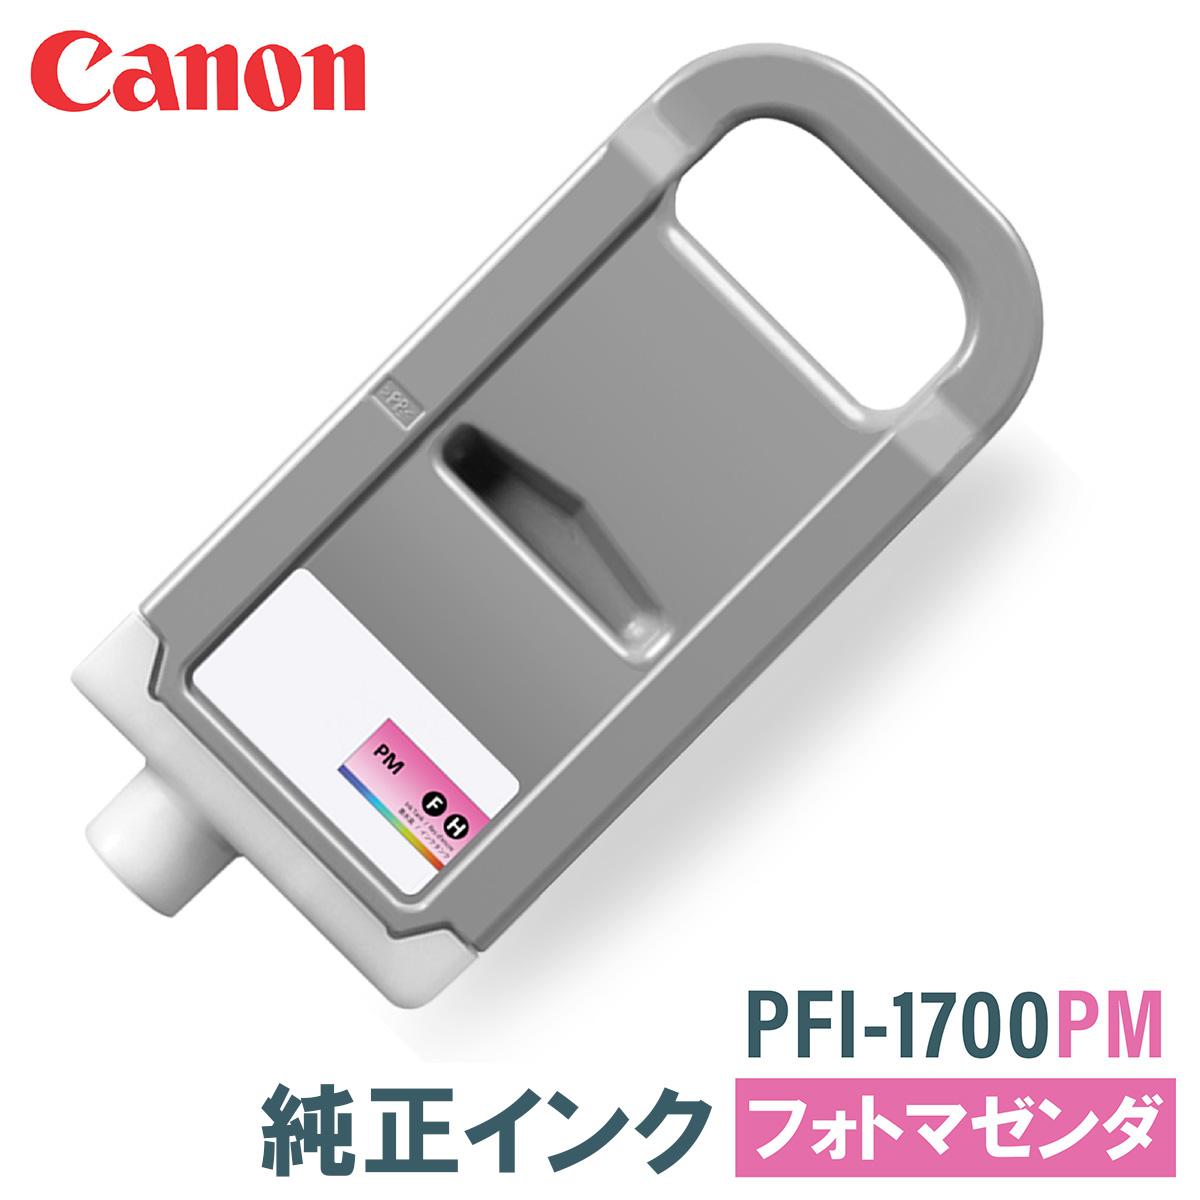 キヤノン 純正インク CANON PFI-1700PM フォトマゼンタ 700ml